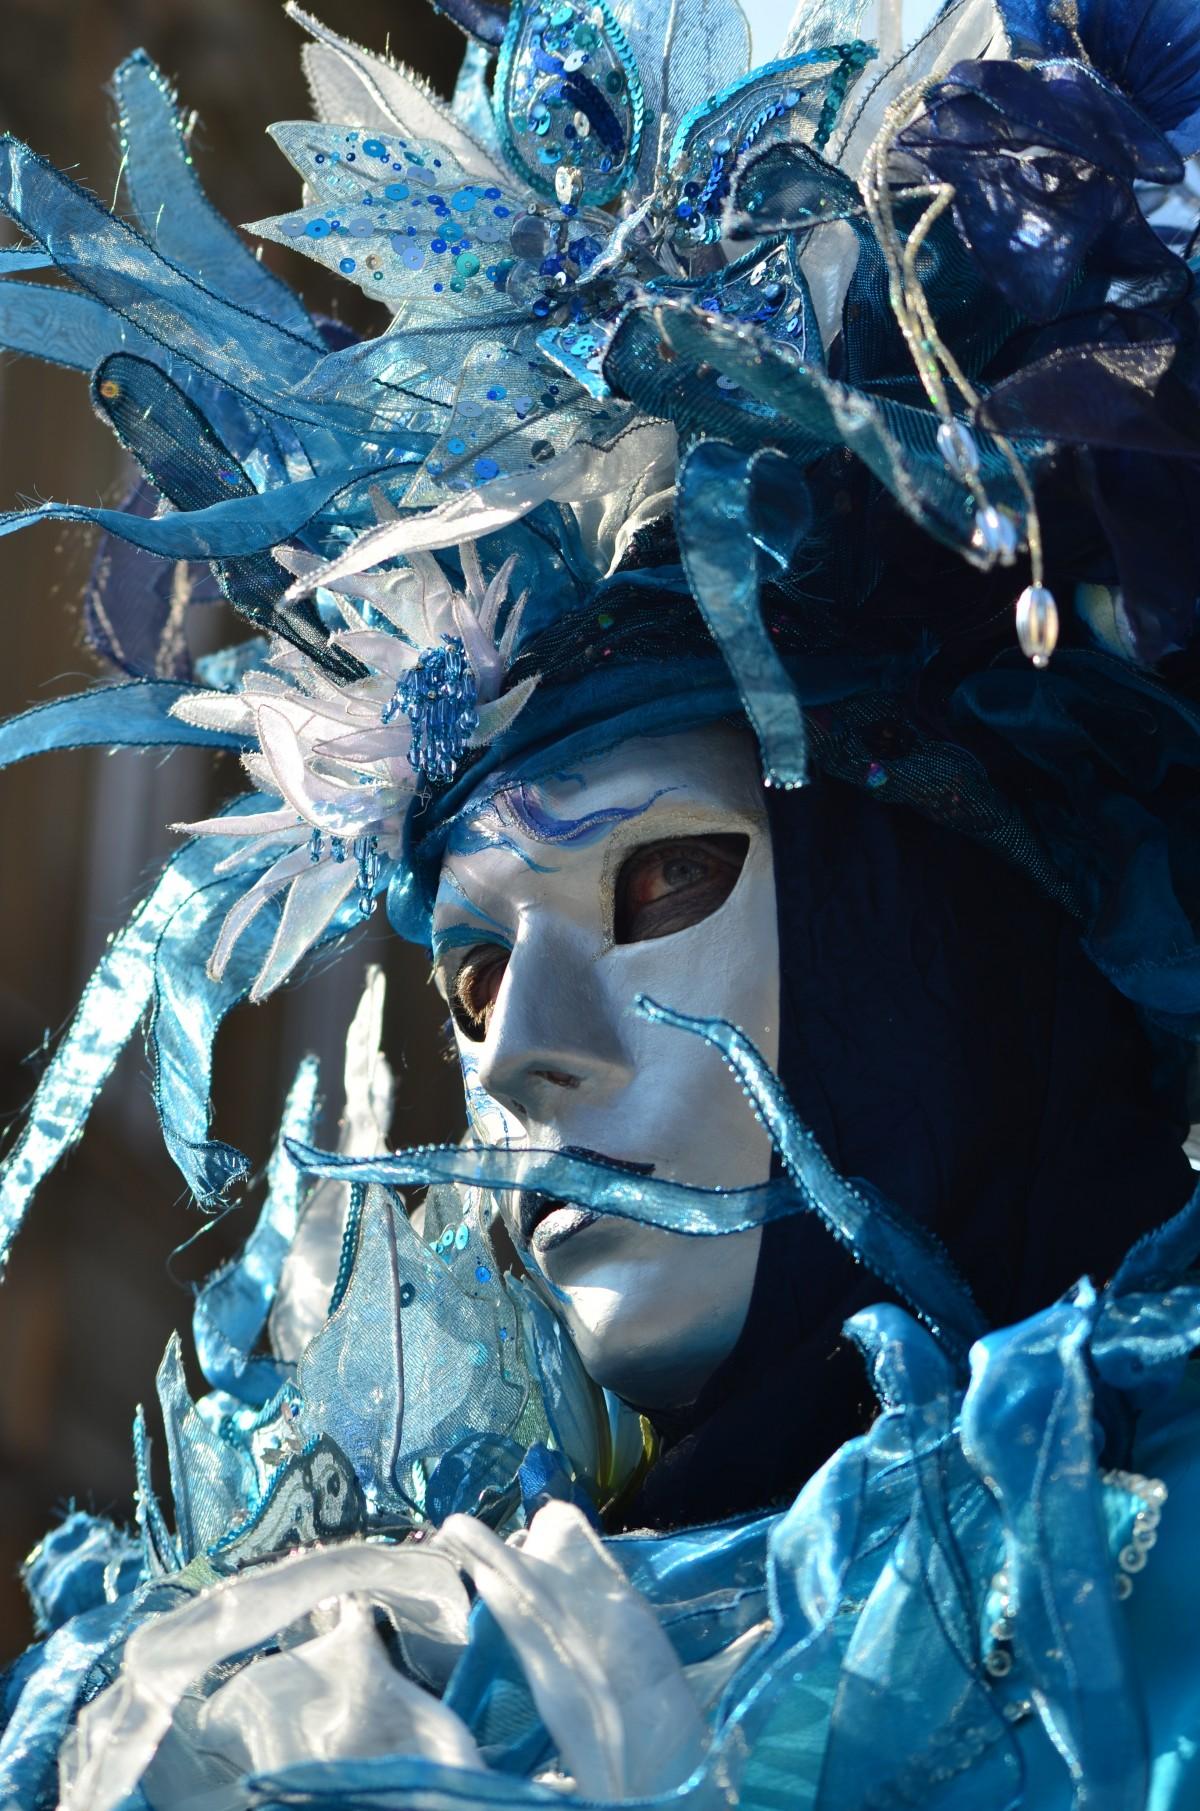 Schw Bisch картинки карнавал одежда головной убор лицо фестиваль маска платье костюм панель